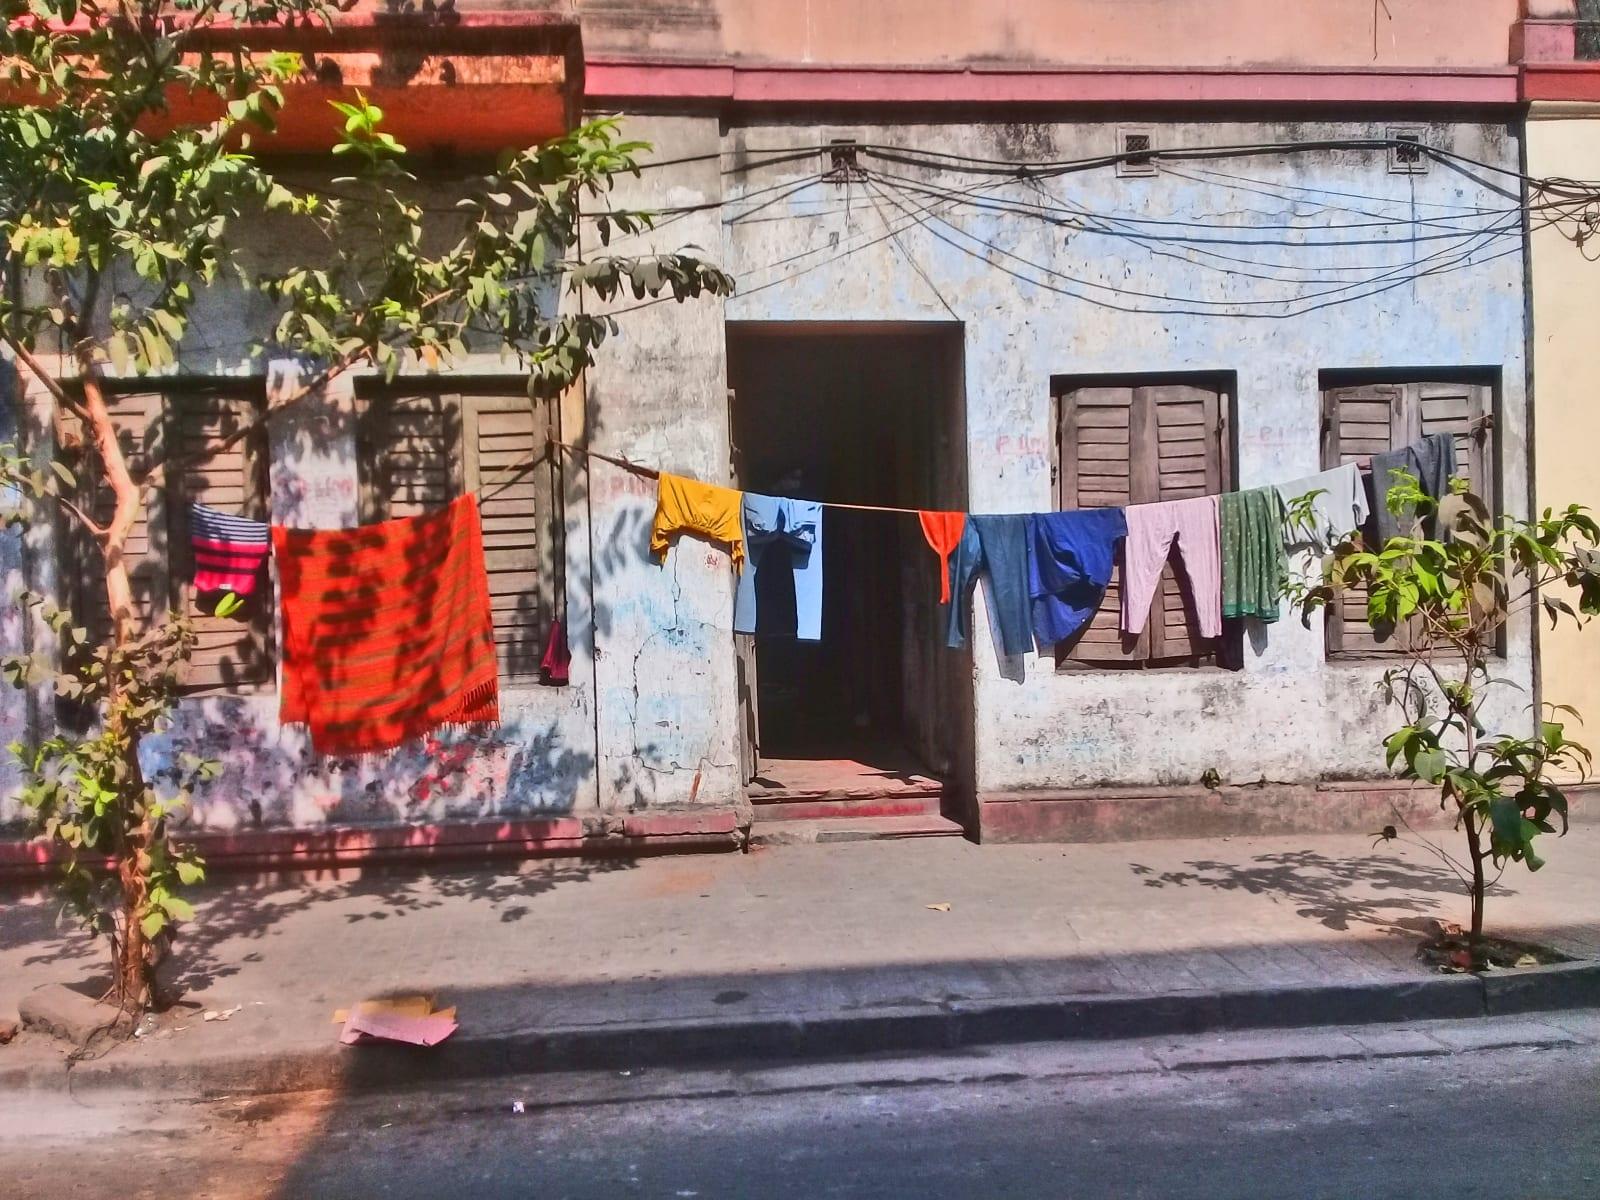 Zátiší ulice, Kolkata